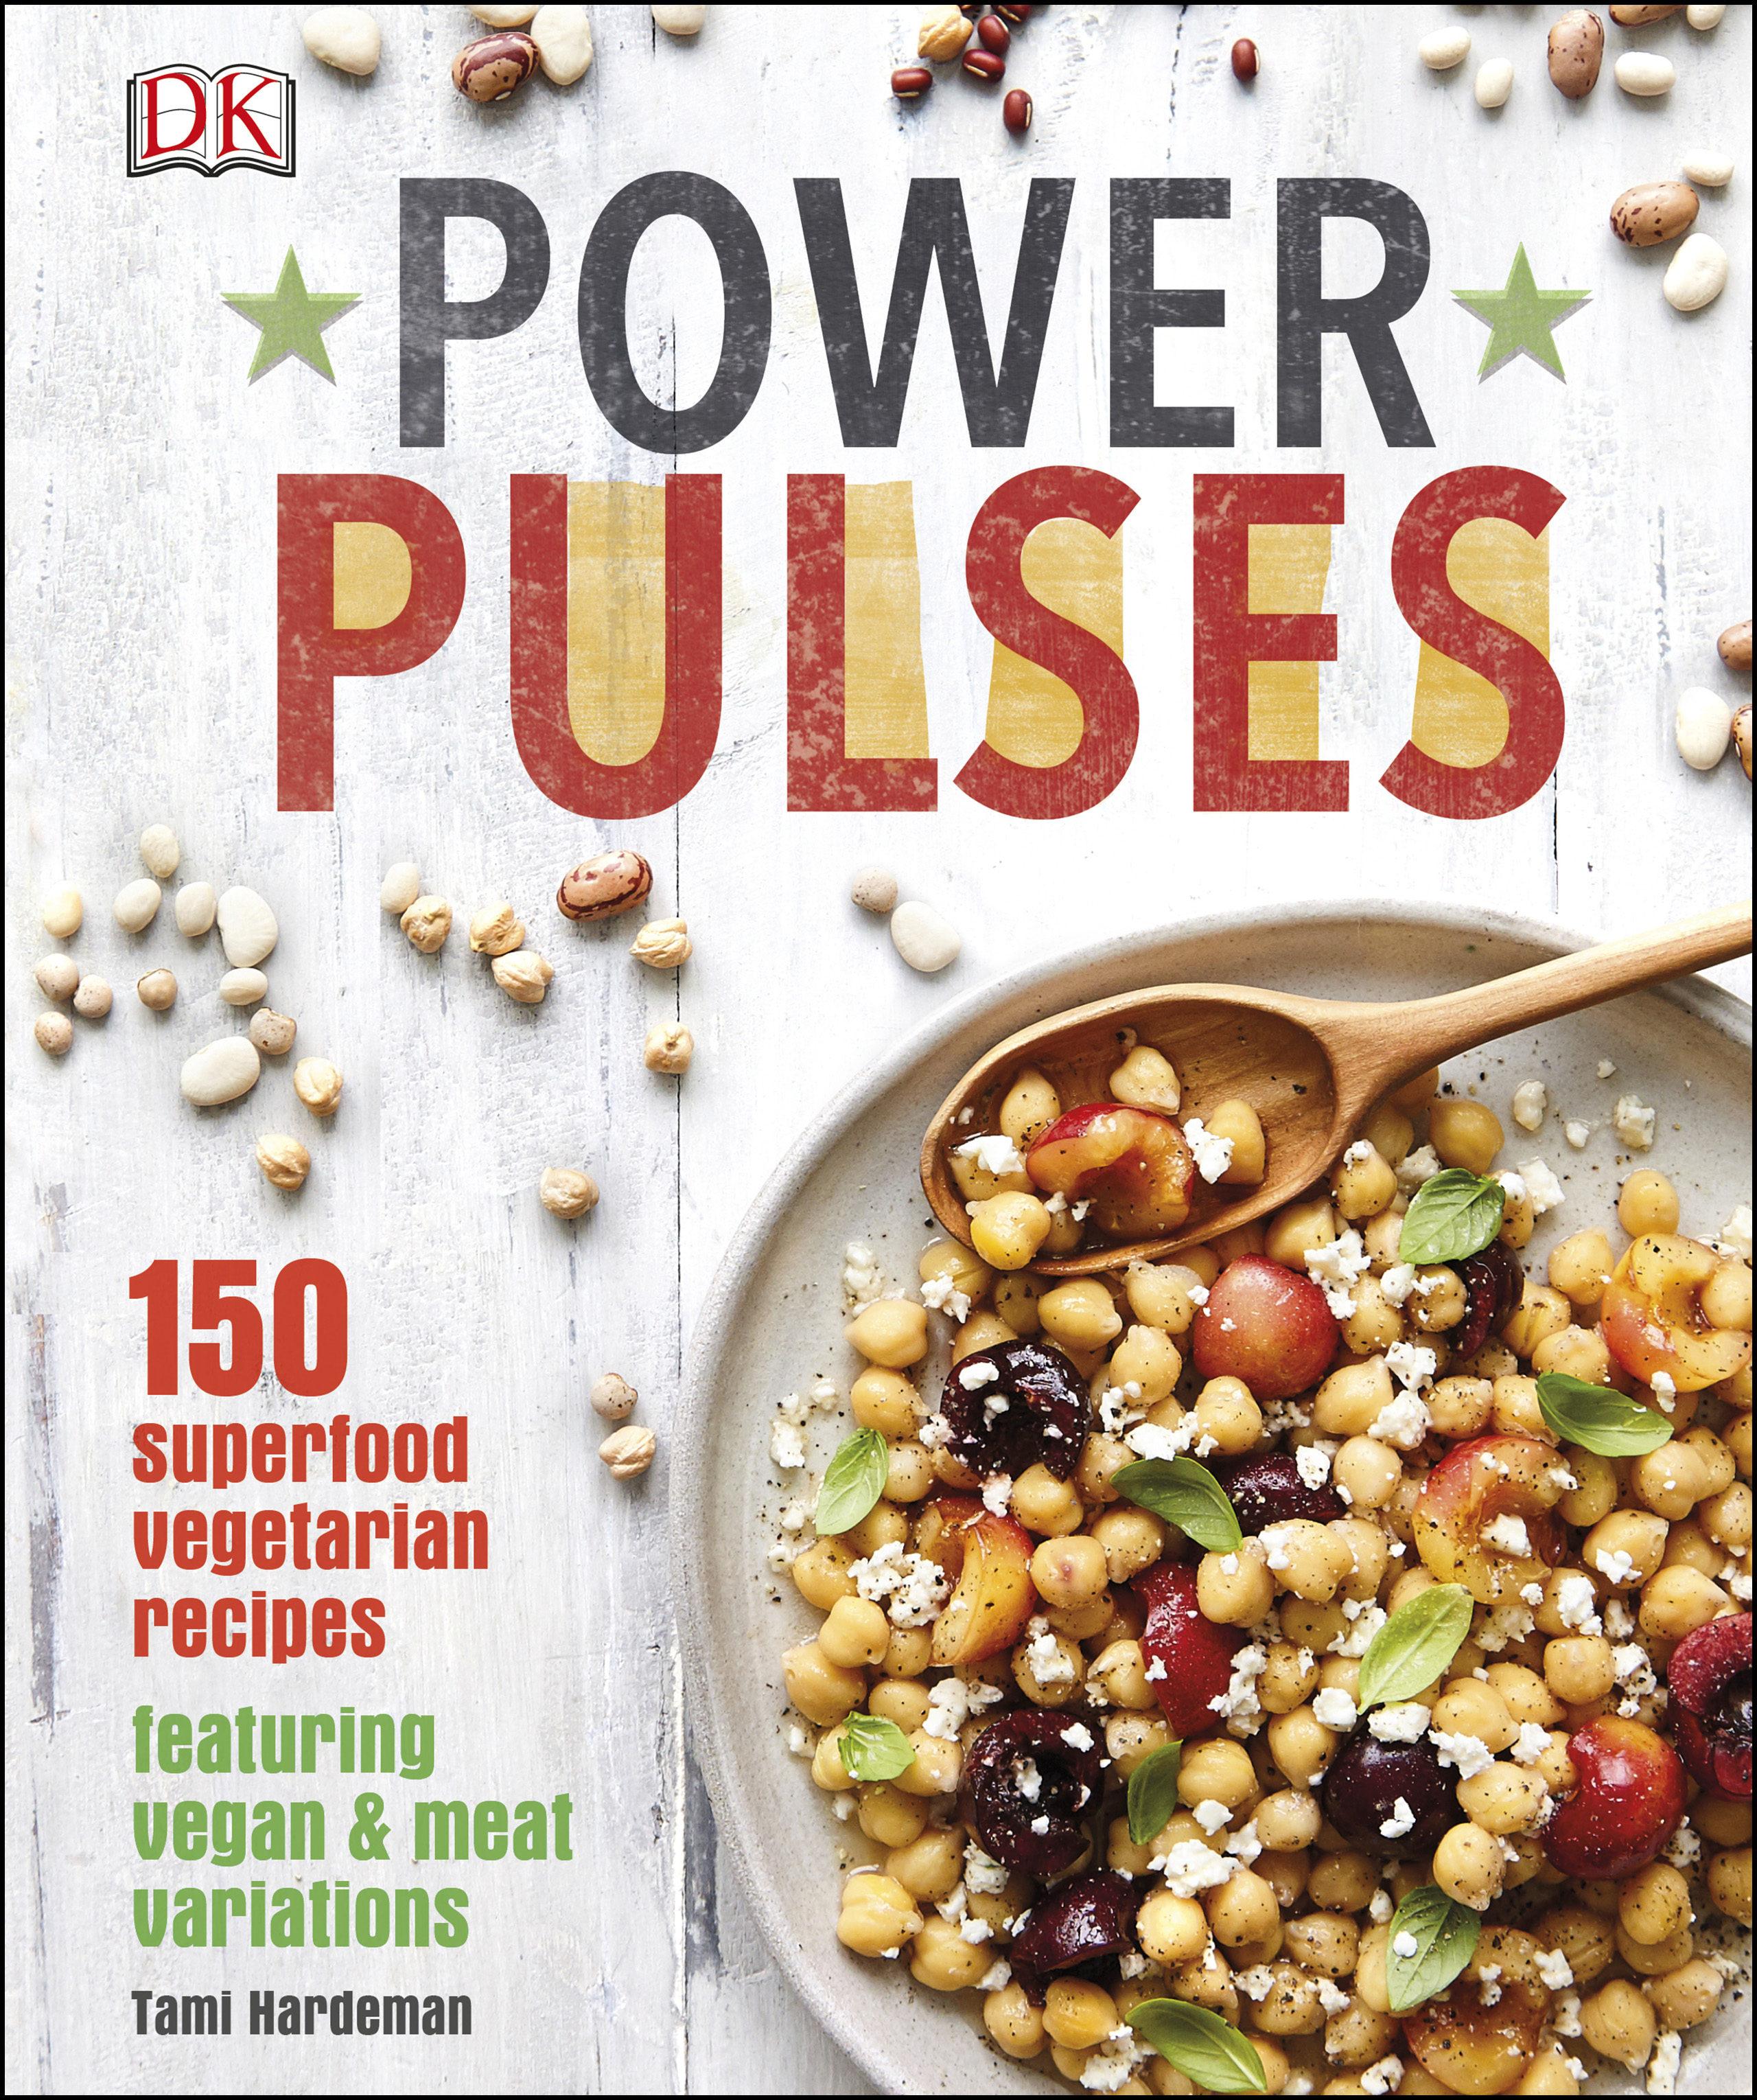 Power pulses ebook tami hardeman descargar libro pdf o epub power pulses ebook tami hardeman 9780241308509 forumfinder Gallery